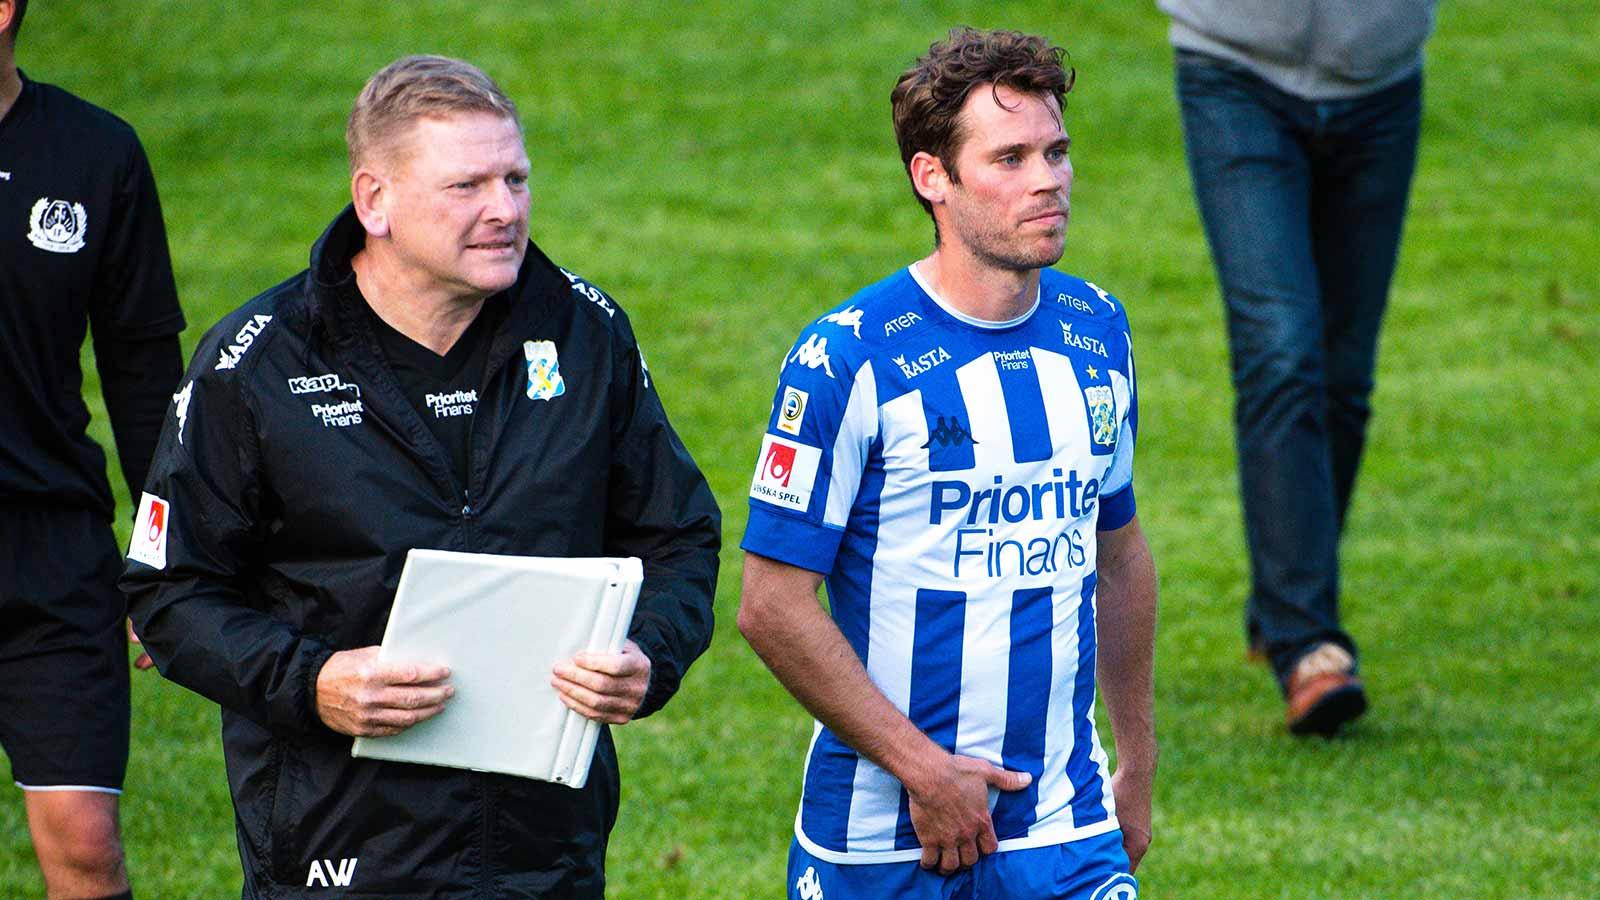 180611 IFK Göteborgs assisterande tränare Alf Westerberg och Emil Salomonsson efter en träningsmatch i fotboll mellan en dalakombination och IFK Göteborg den 11 juni 2018 i Nyhammar.